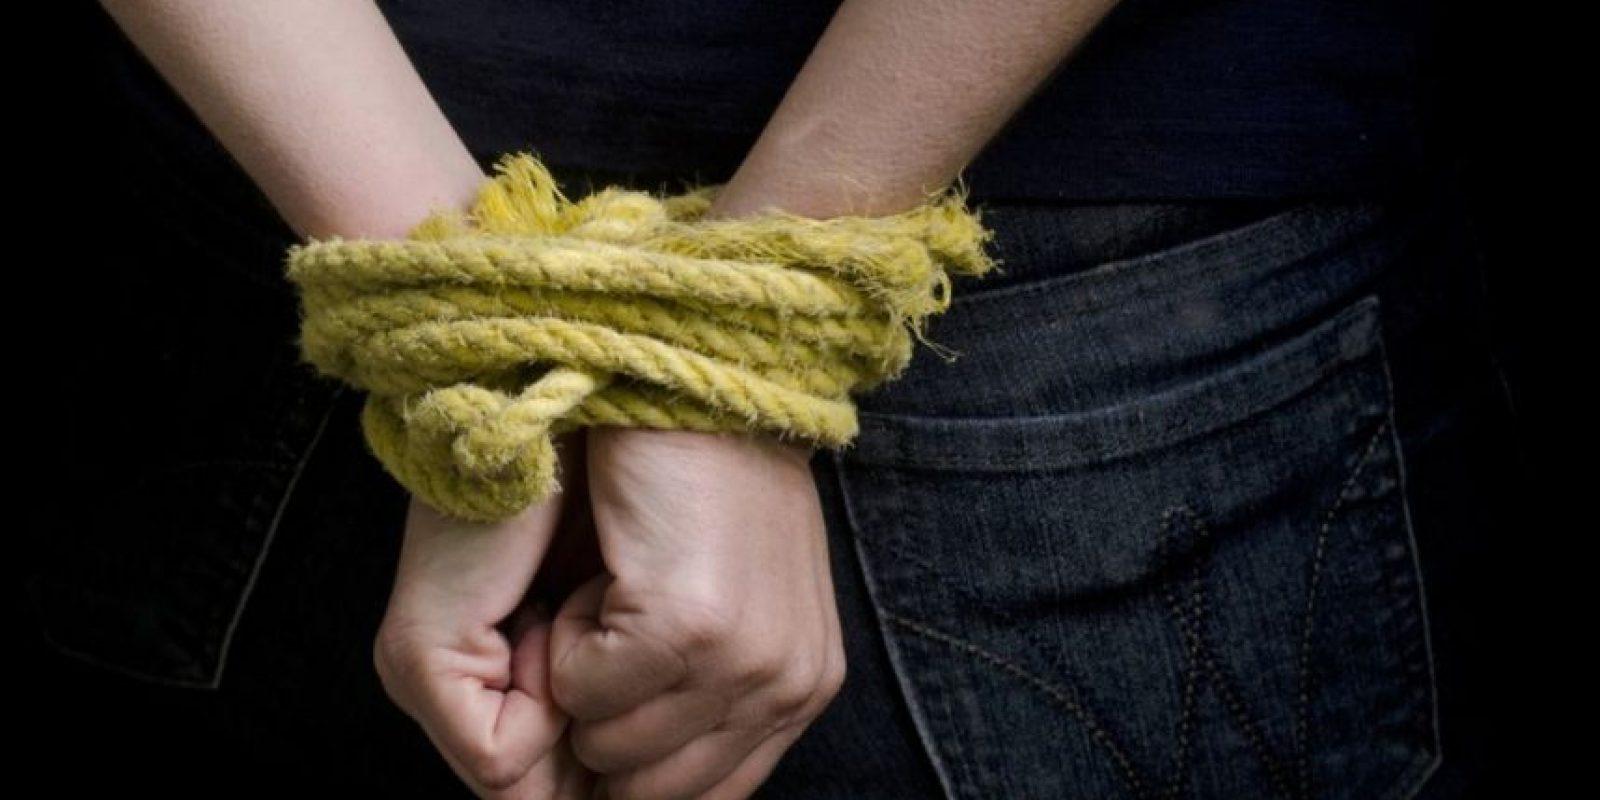 2. Liu Hung, soltero chino de 32 años, tenía dinero y una buena posición, pero era rechazado por las mujeres. Ante la presión de sus padres, secuestró a una mujer en un parque y la llevó hasta su casa en Danliang. Foto:Tumblr